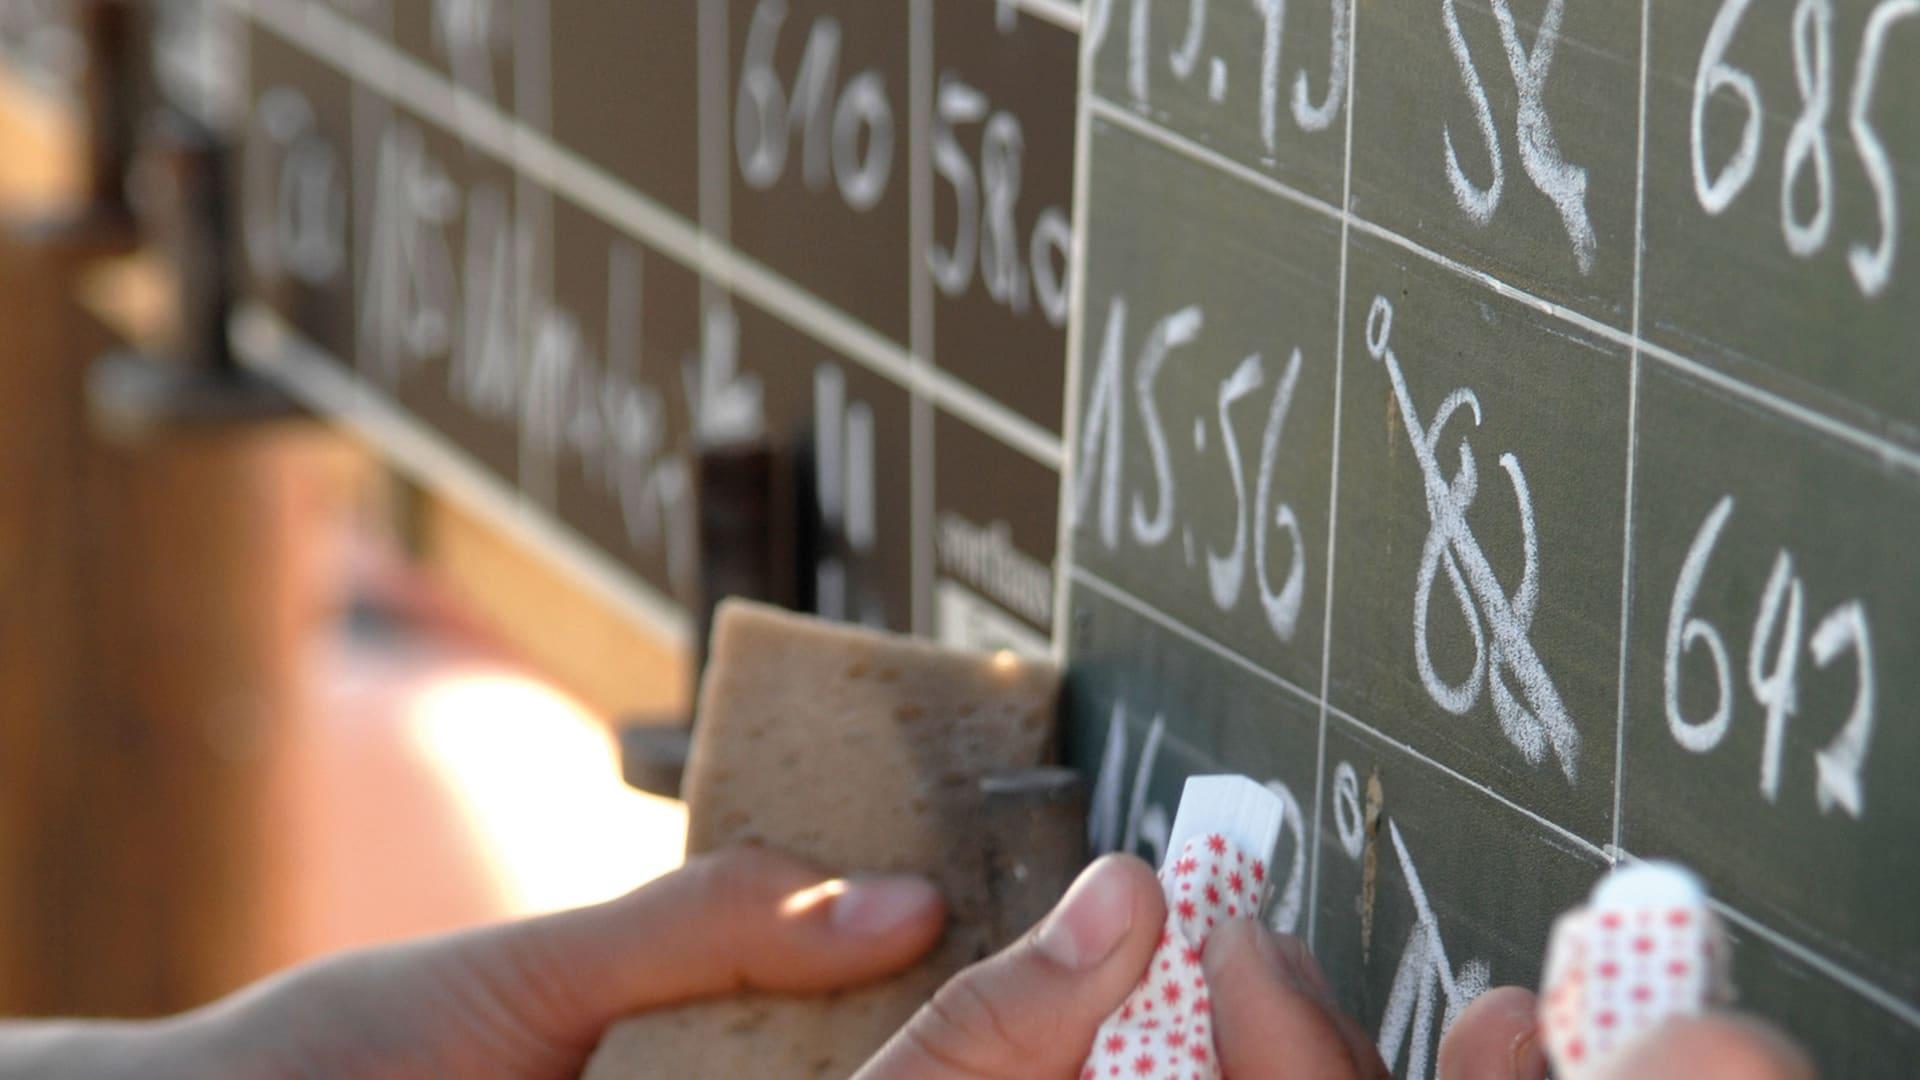 Reihenfolgen und Ergebnisse an der Tafel